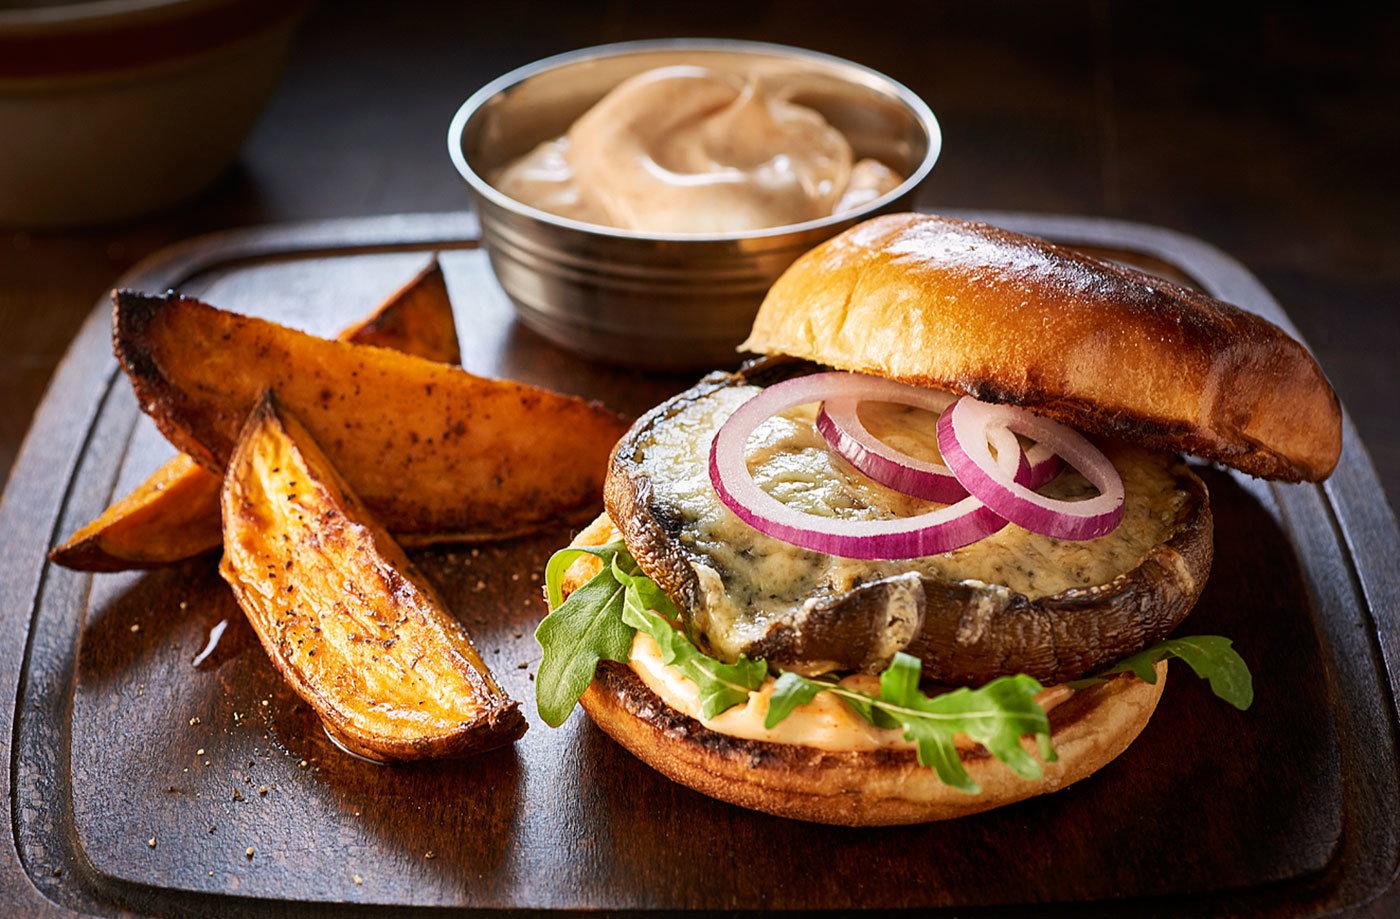 Muenster Stuffed Veal And Mushroom Burger   Mushrooms On The Menu ...